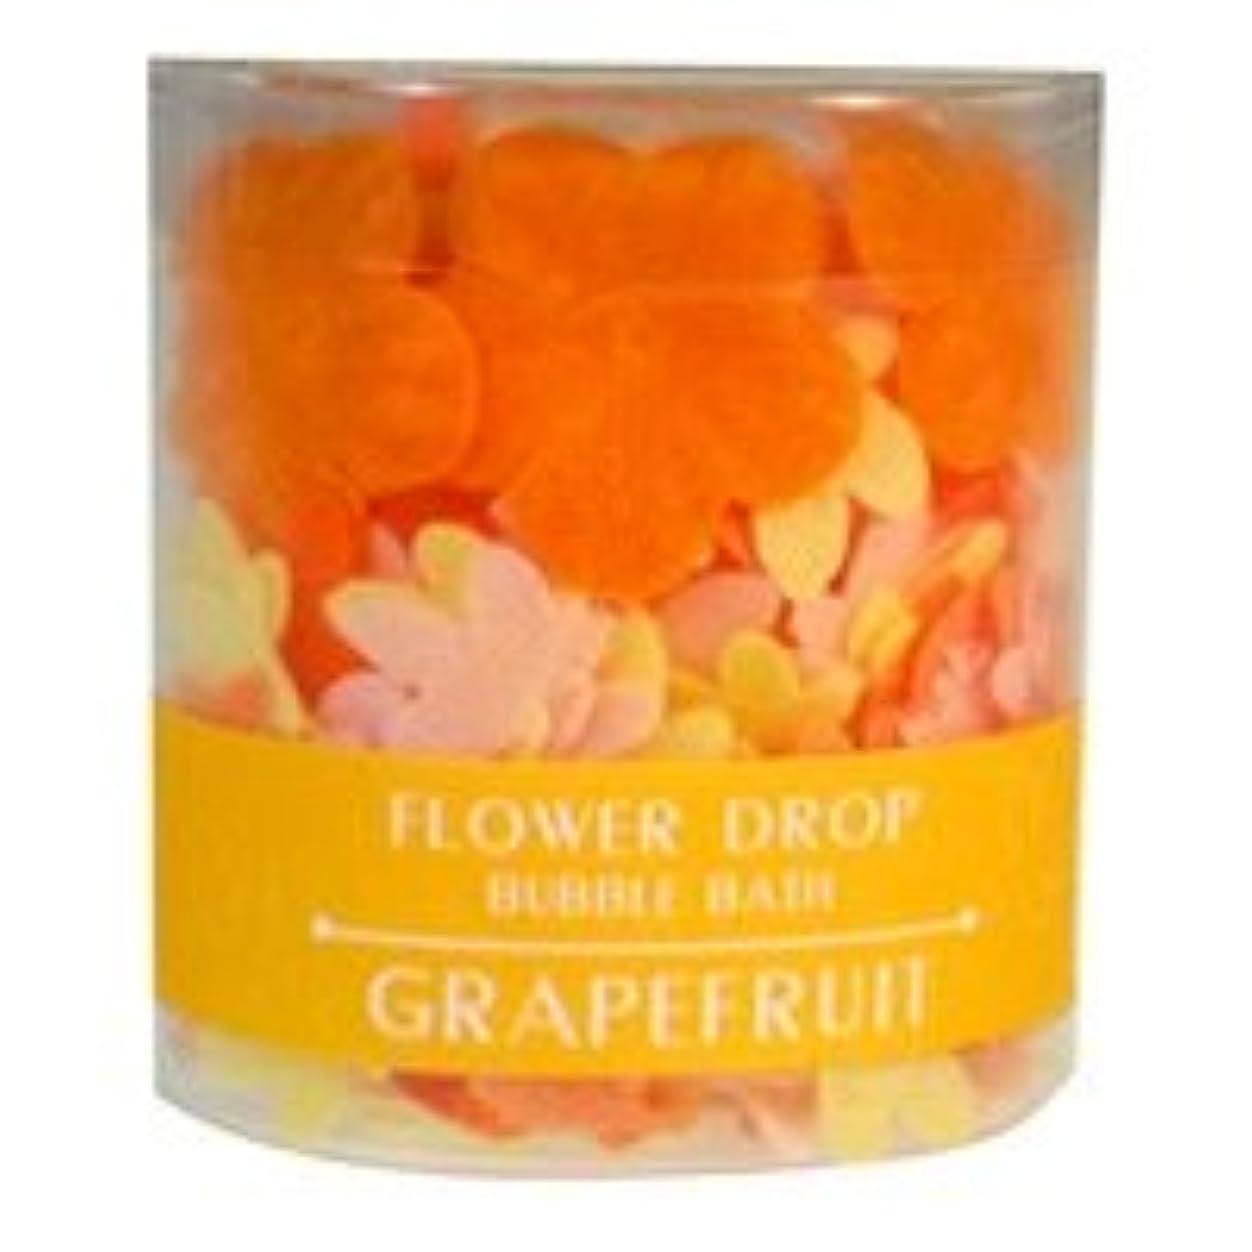 粉砕するふつう美容師フラワードロップ「グレープフルーツ」20個セット 葉っぱの形のペタル